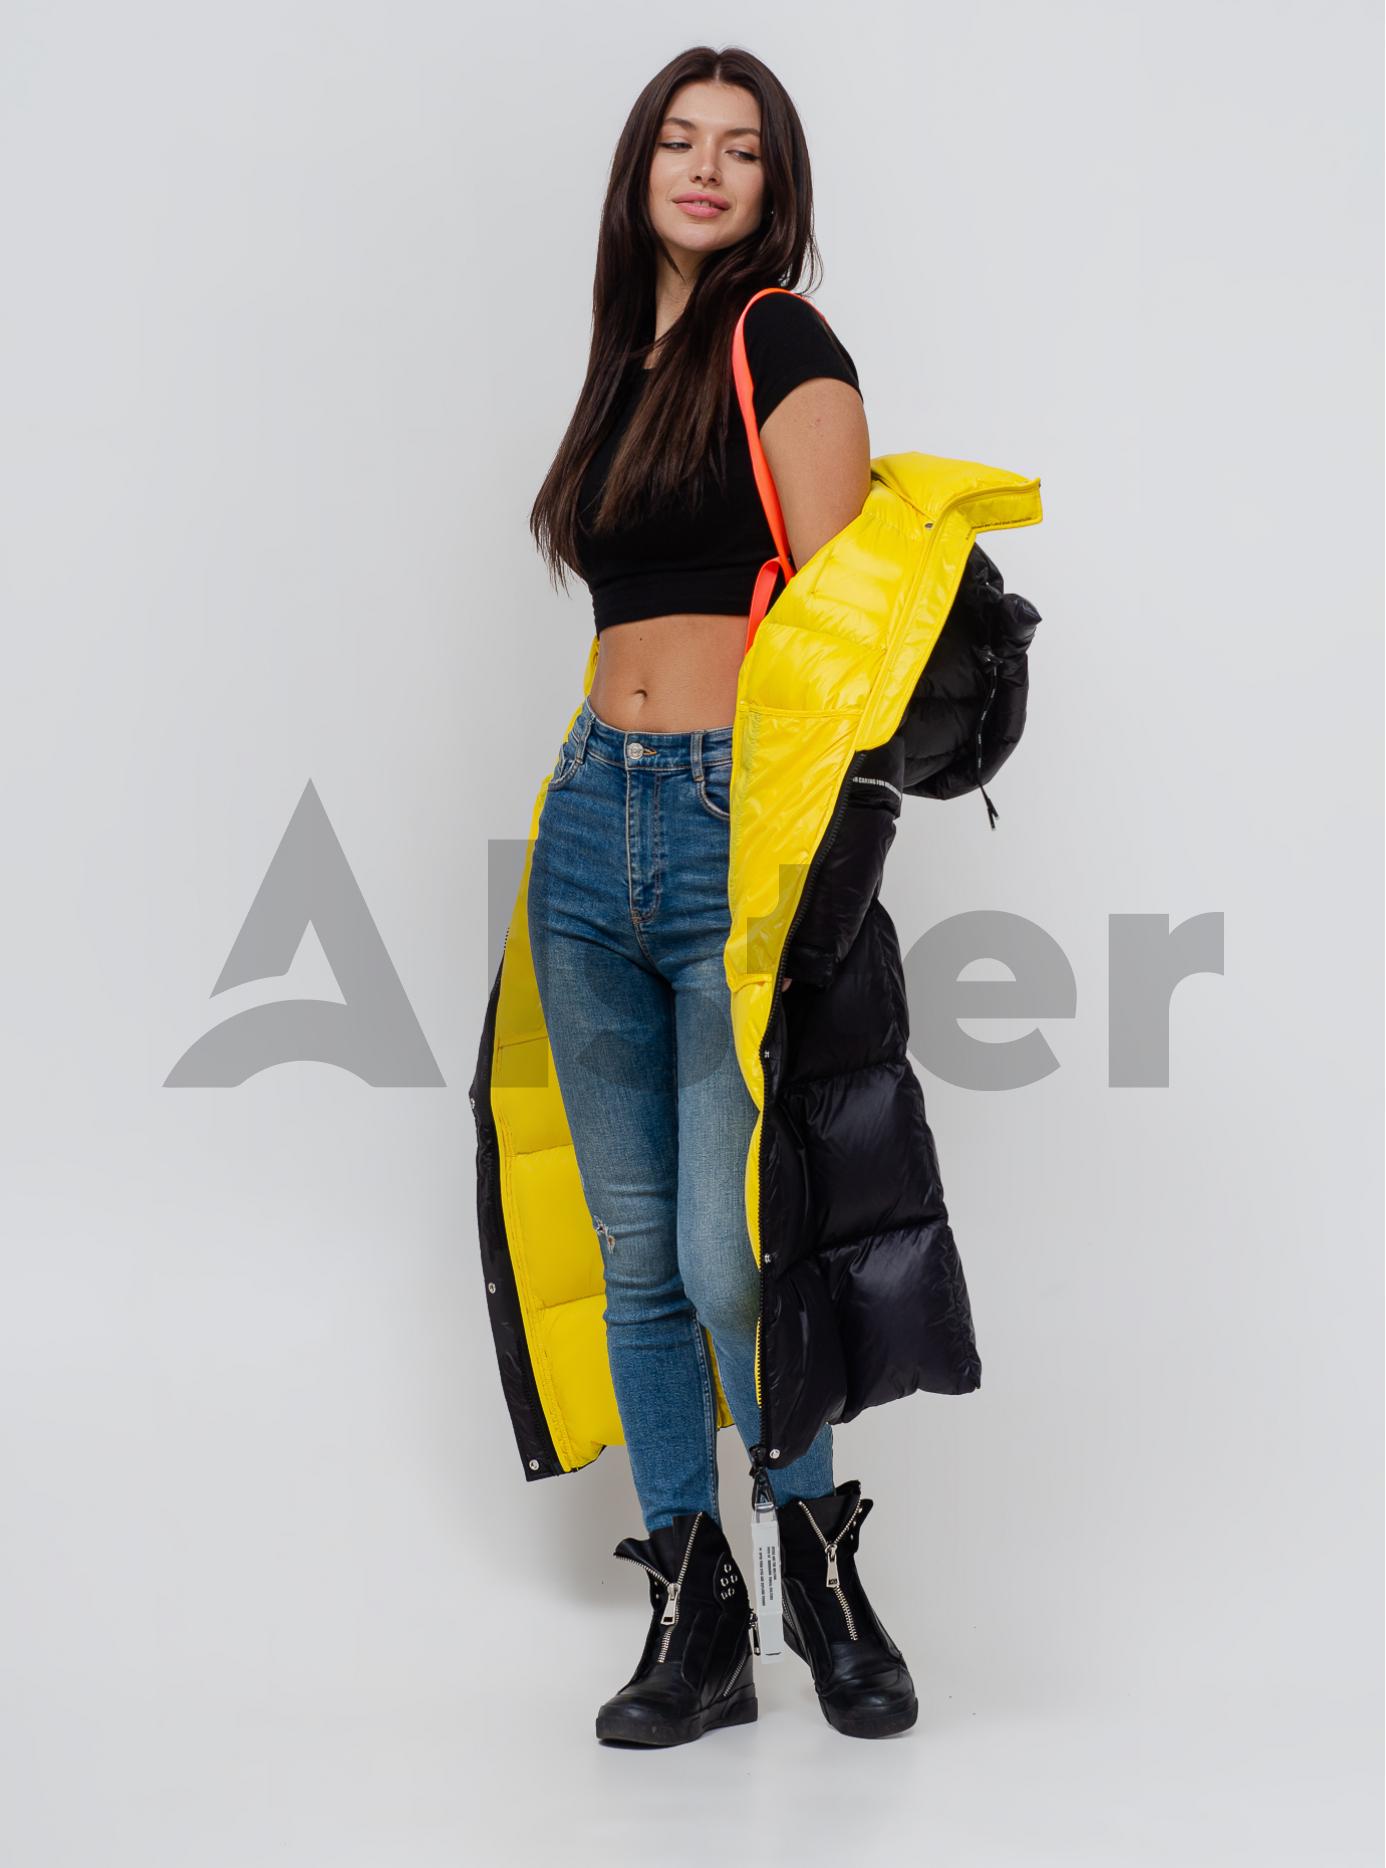 Пуховик женкий с капюшоном Чёрный S (05-SV201186): фото - Alster.ua